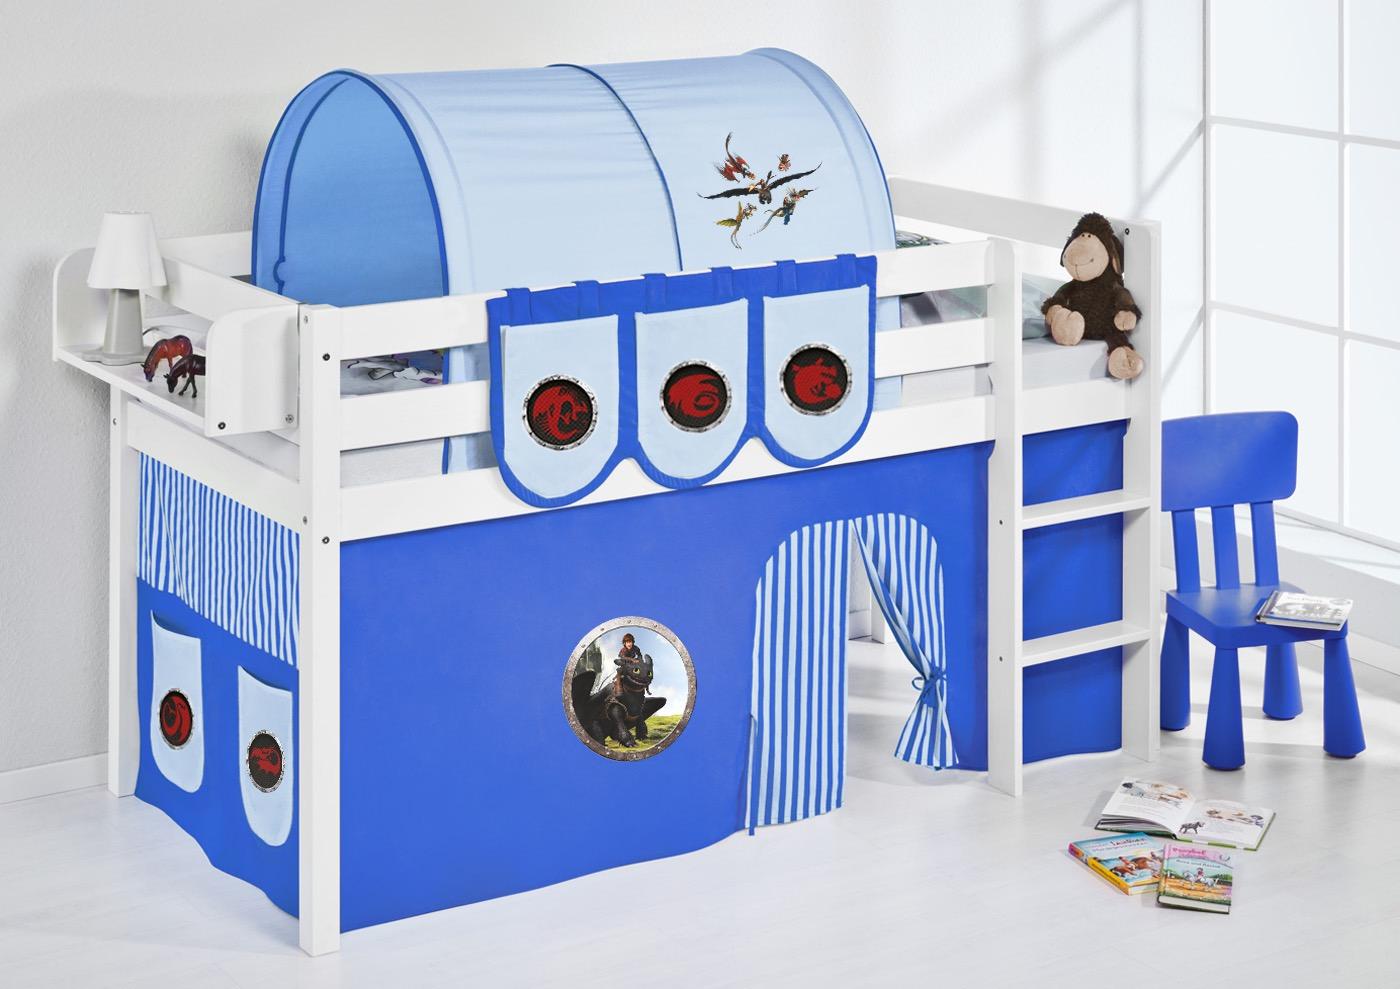 Spielbett hochbett kinderbett kinder bett jelle 190x90 cm   ...